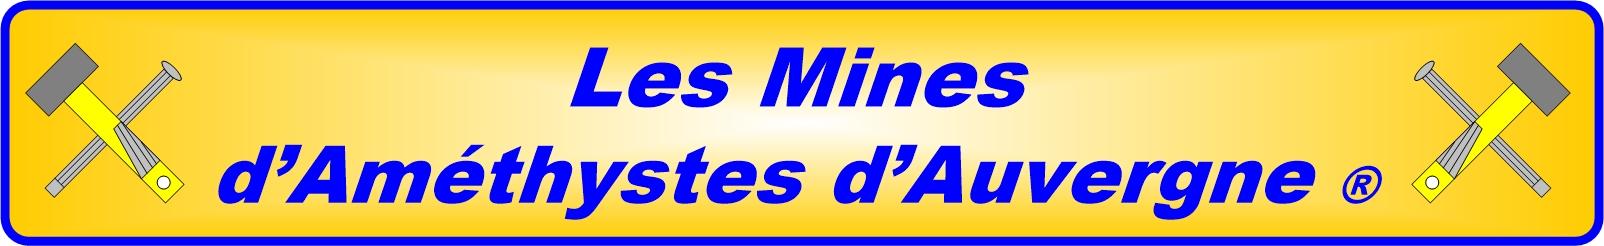 Les Mines d'Améthystes d'Auvergne